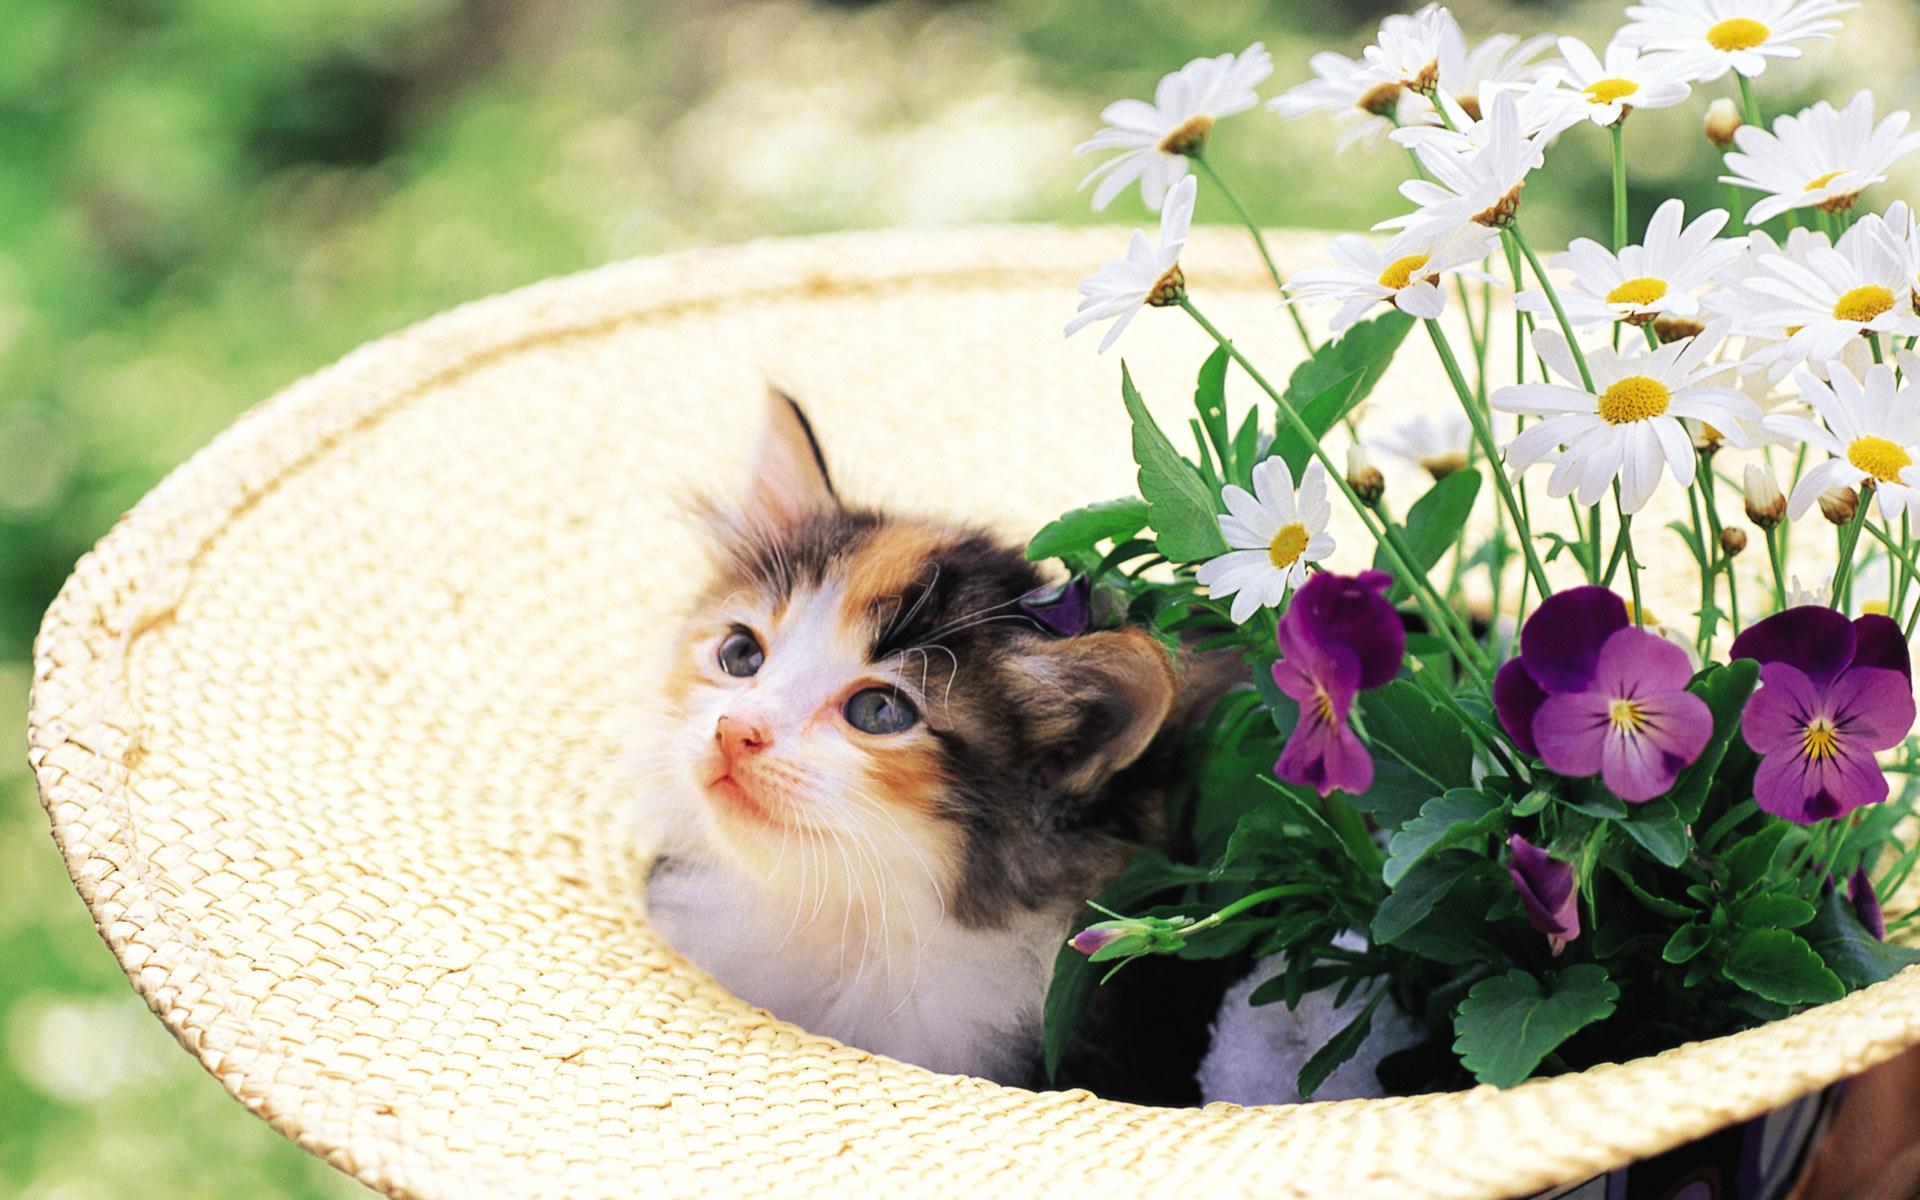 竹籃裡的可愛小貓咪桌布圖片2  貓貓桌布酷 wallcoocom